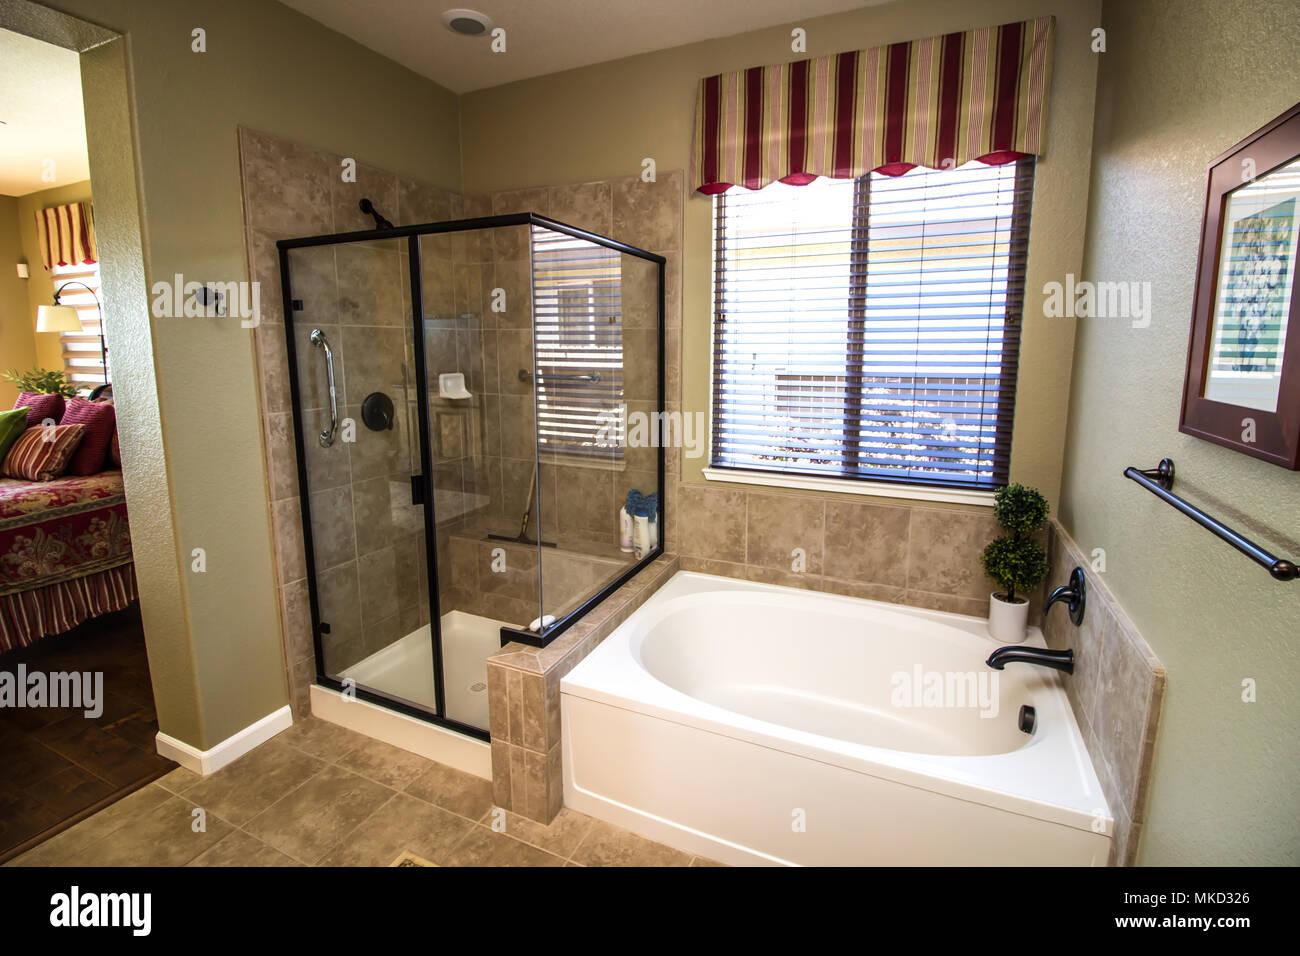 Bagno Moderno Con Vasca Da Bagno : Bagno moderno con doccia in vetro e vasca da bagno foto & immagine